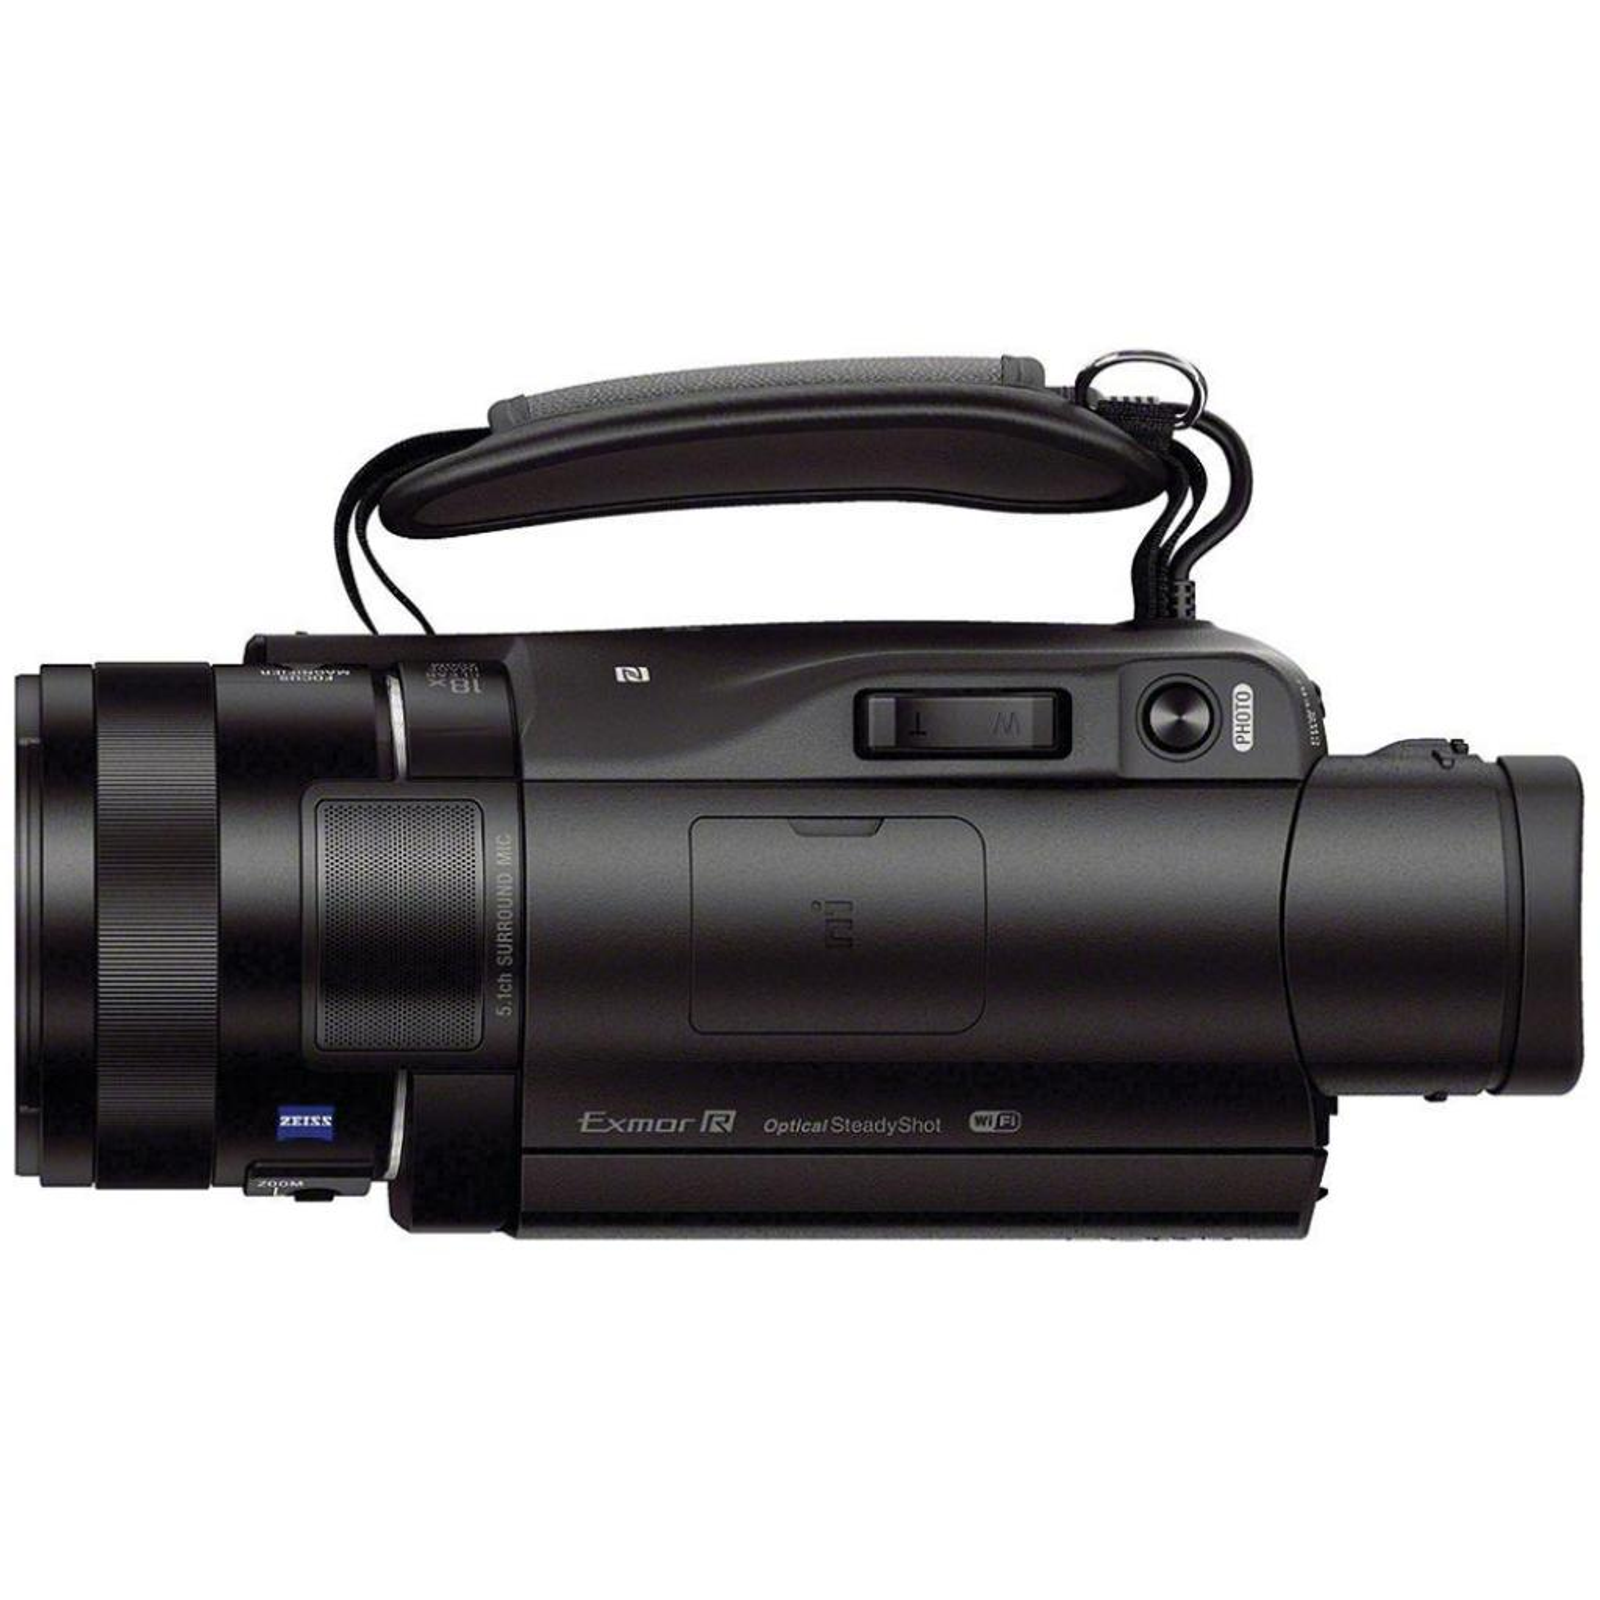 Цифровая видеокамера Sony Handycam FDR-AX700 Black (FDRAX700B.CEE) изображение 11